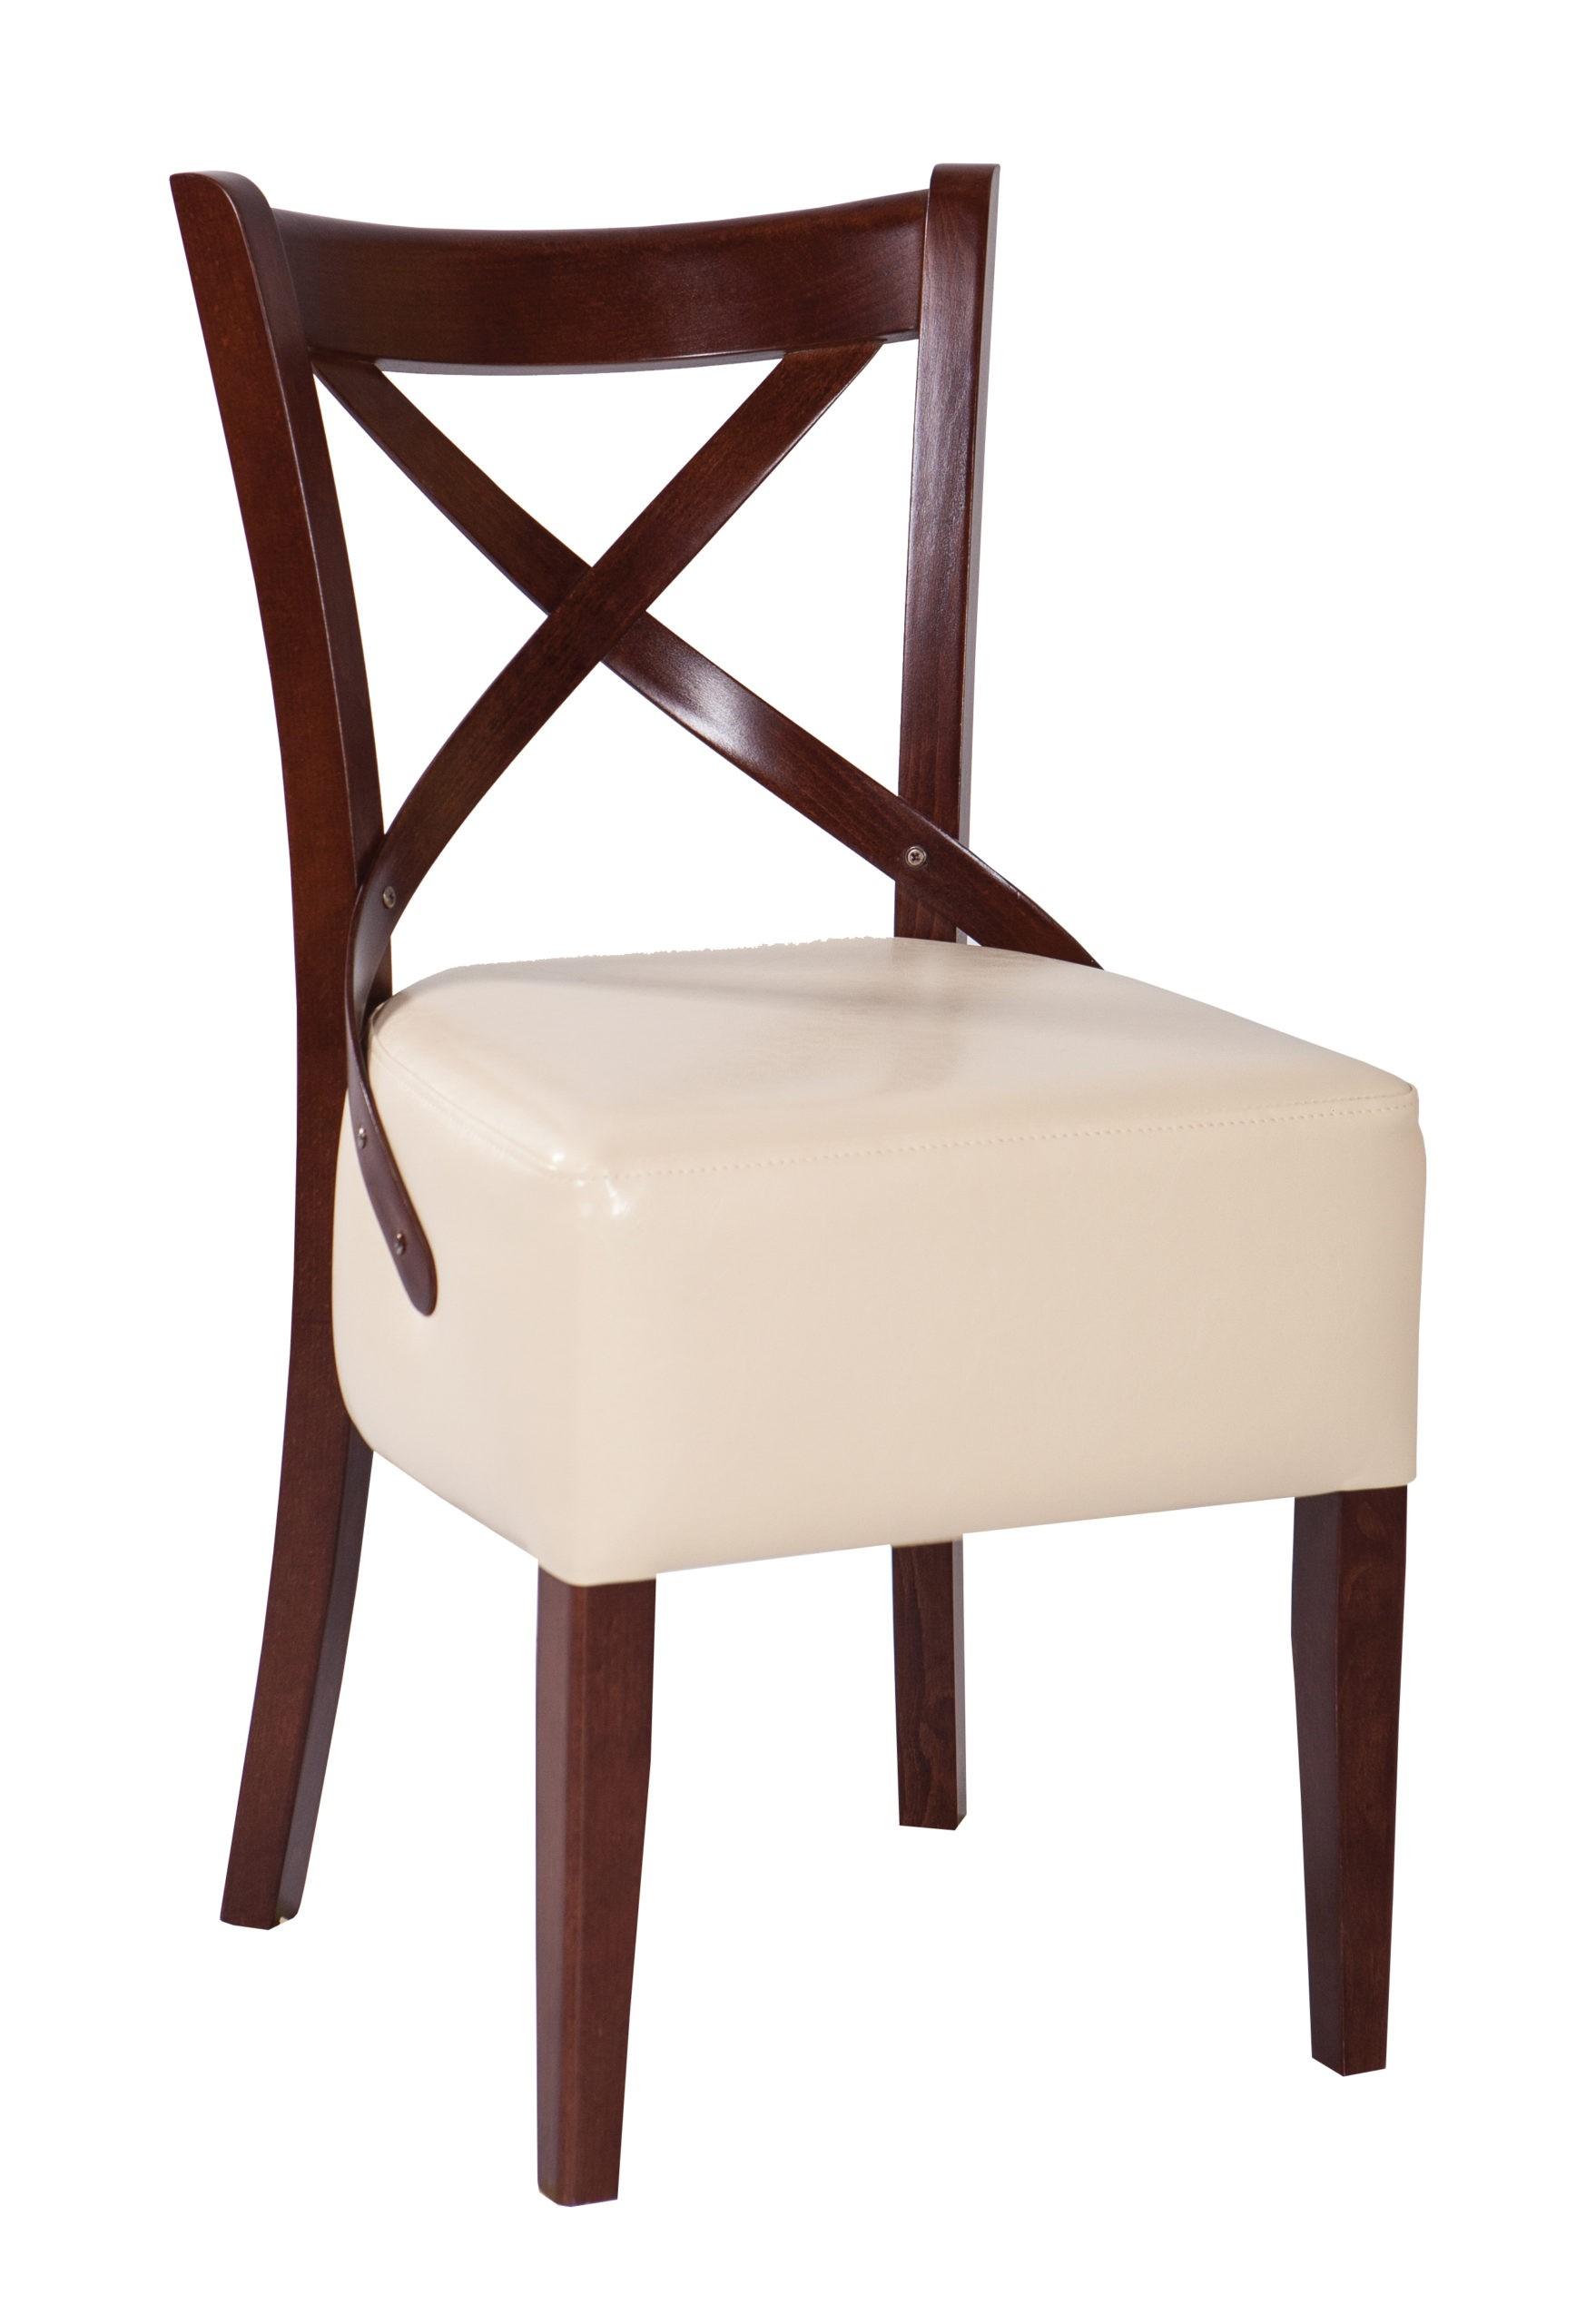 Greckie krzesło do jadalni lub kuchni oparcie krzyż z wygodnym tapicerowanym siedziskiem KT53